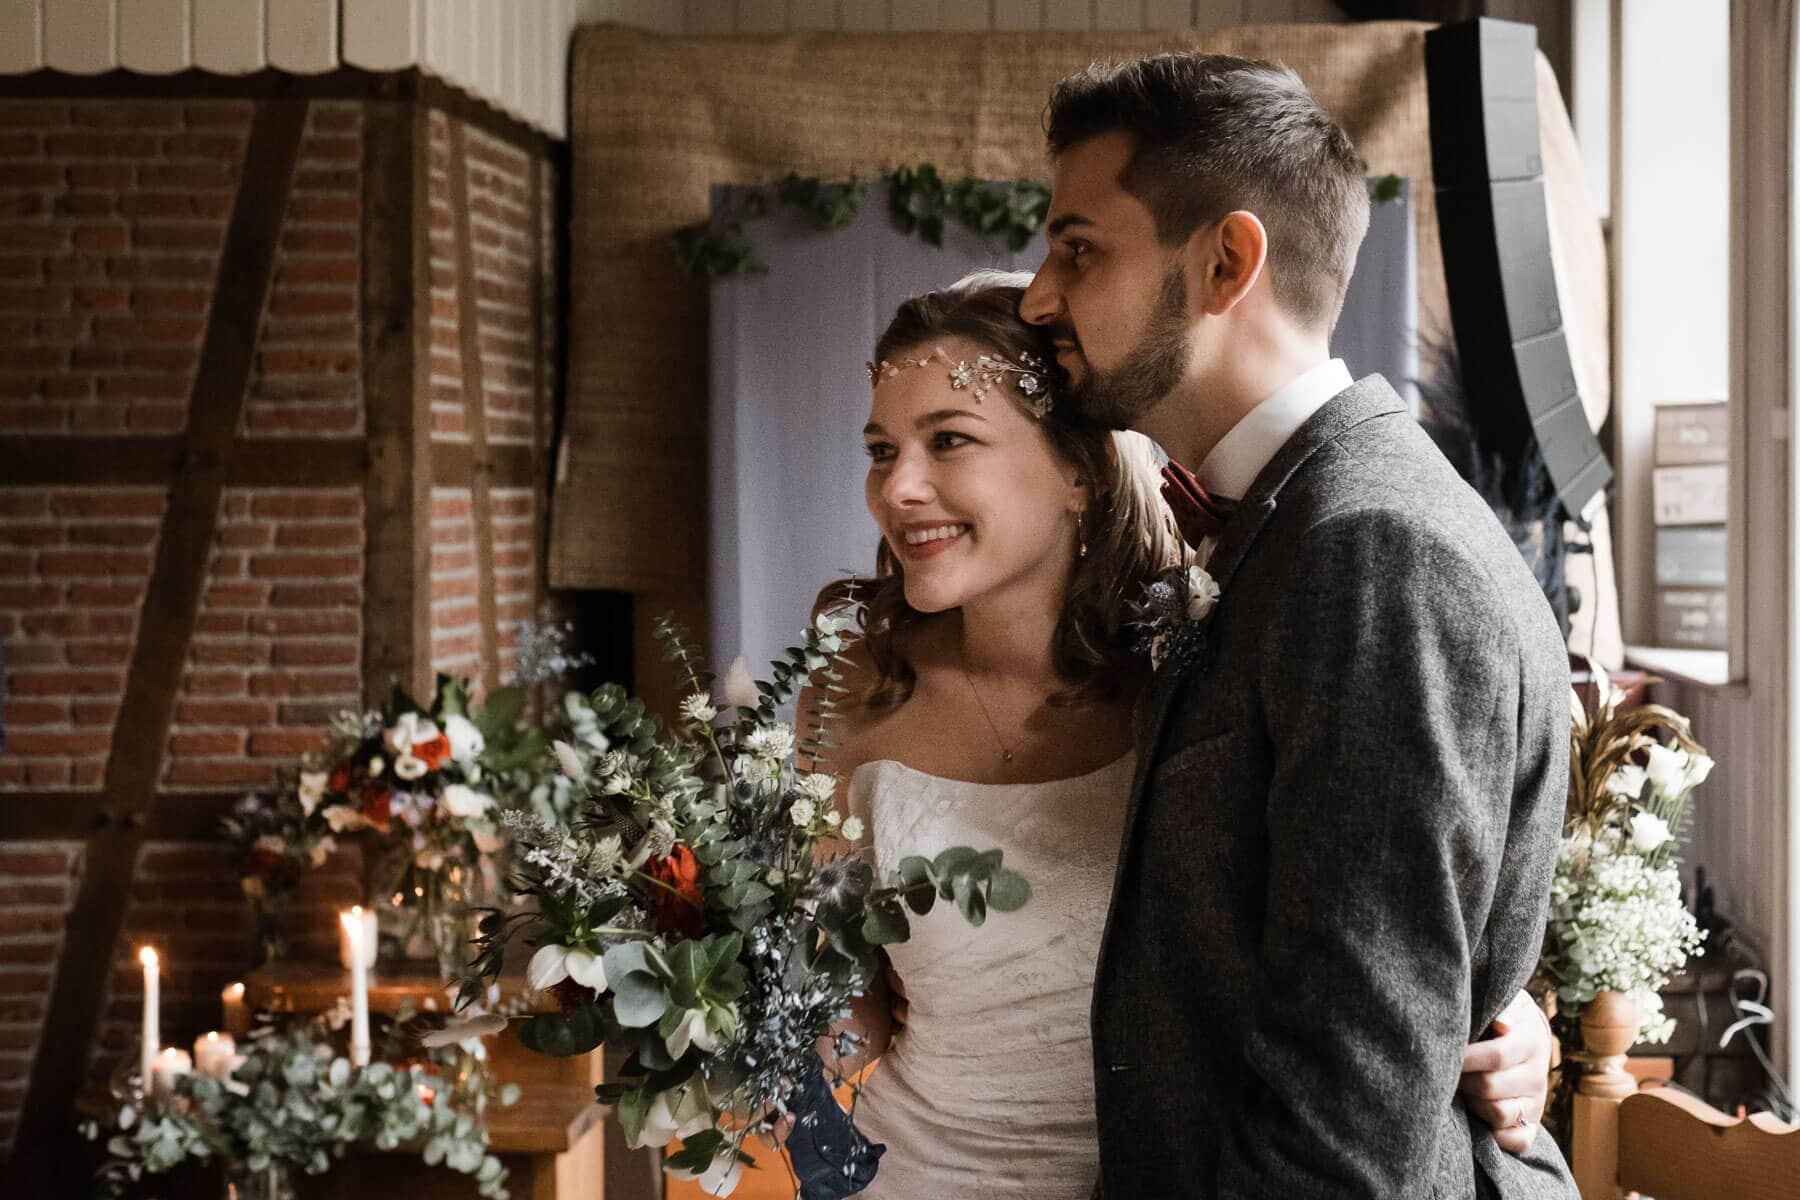 die Braut und der Bräutgam stehen in dem Trauzimmer mit Fachwerk in einem Landhaus, der Mann hält sie seitlich im Arm, sie schauen in Richtung der Gäste